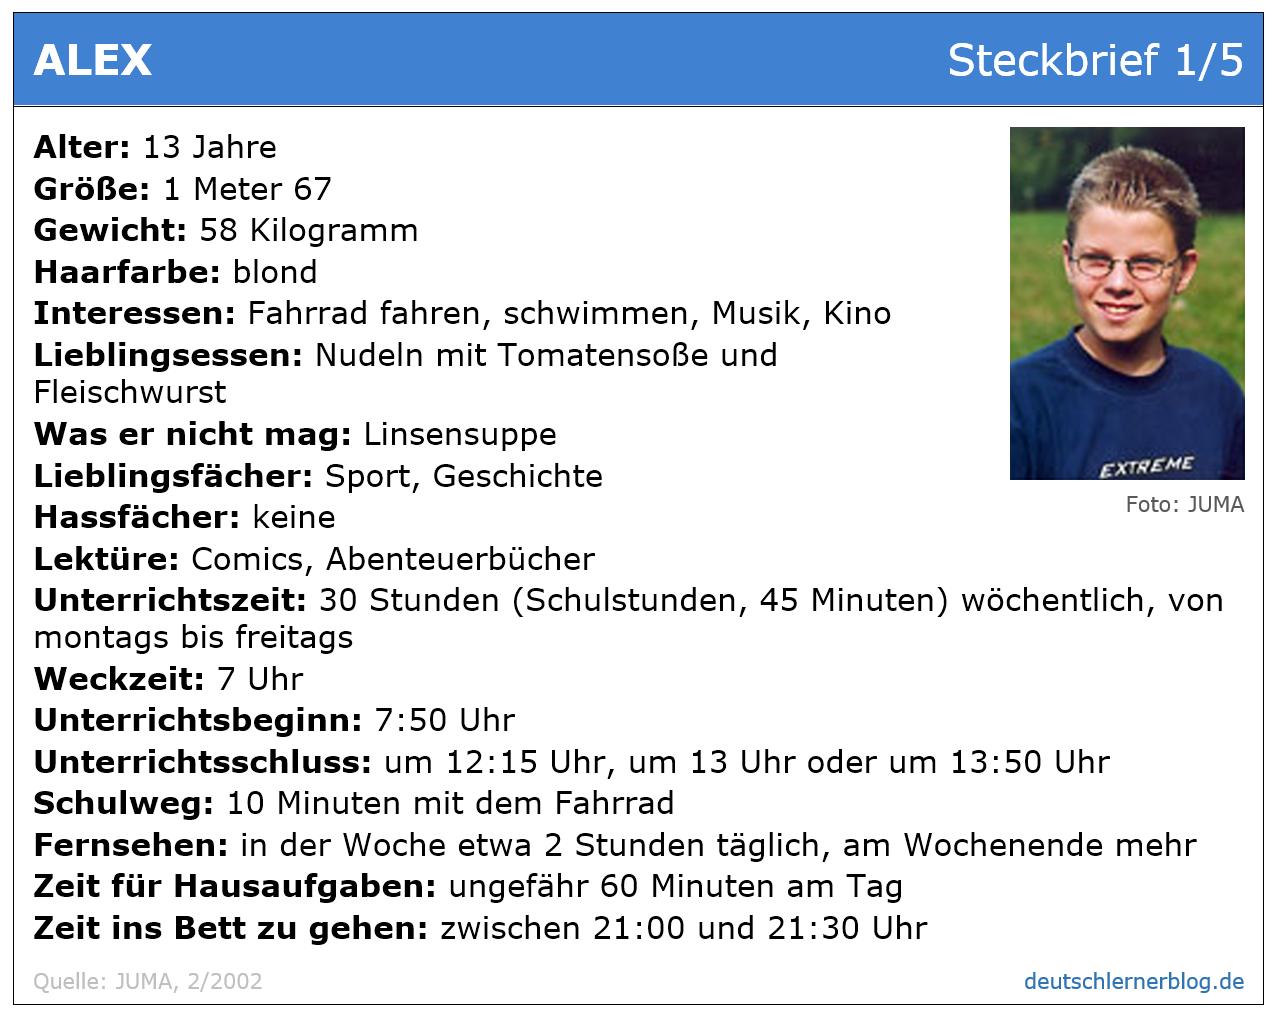 Leseverstehen Deutsch B1 - Steckbrief